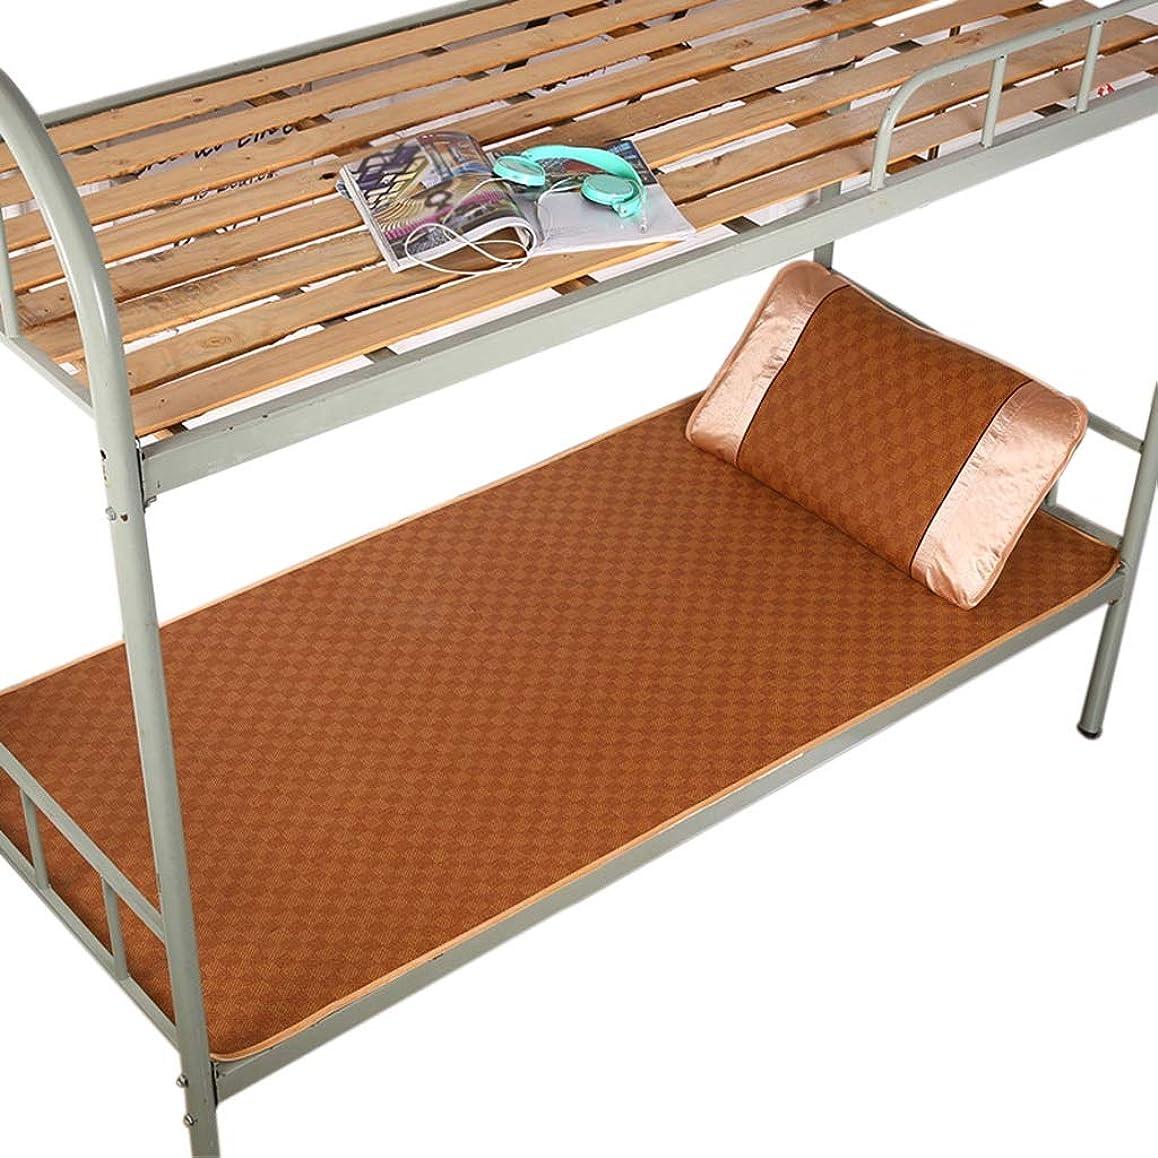 不平を言う薬剤師傀儡夏折りたたみ涼しいパッド、学生子供の寮の部屋シングルベッドの自己冷却マットレスの大人の老人のアパートの睡眠パッド (Color : A, Size : 90*195CM)